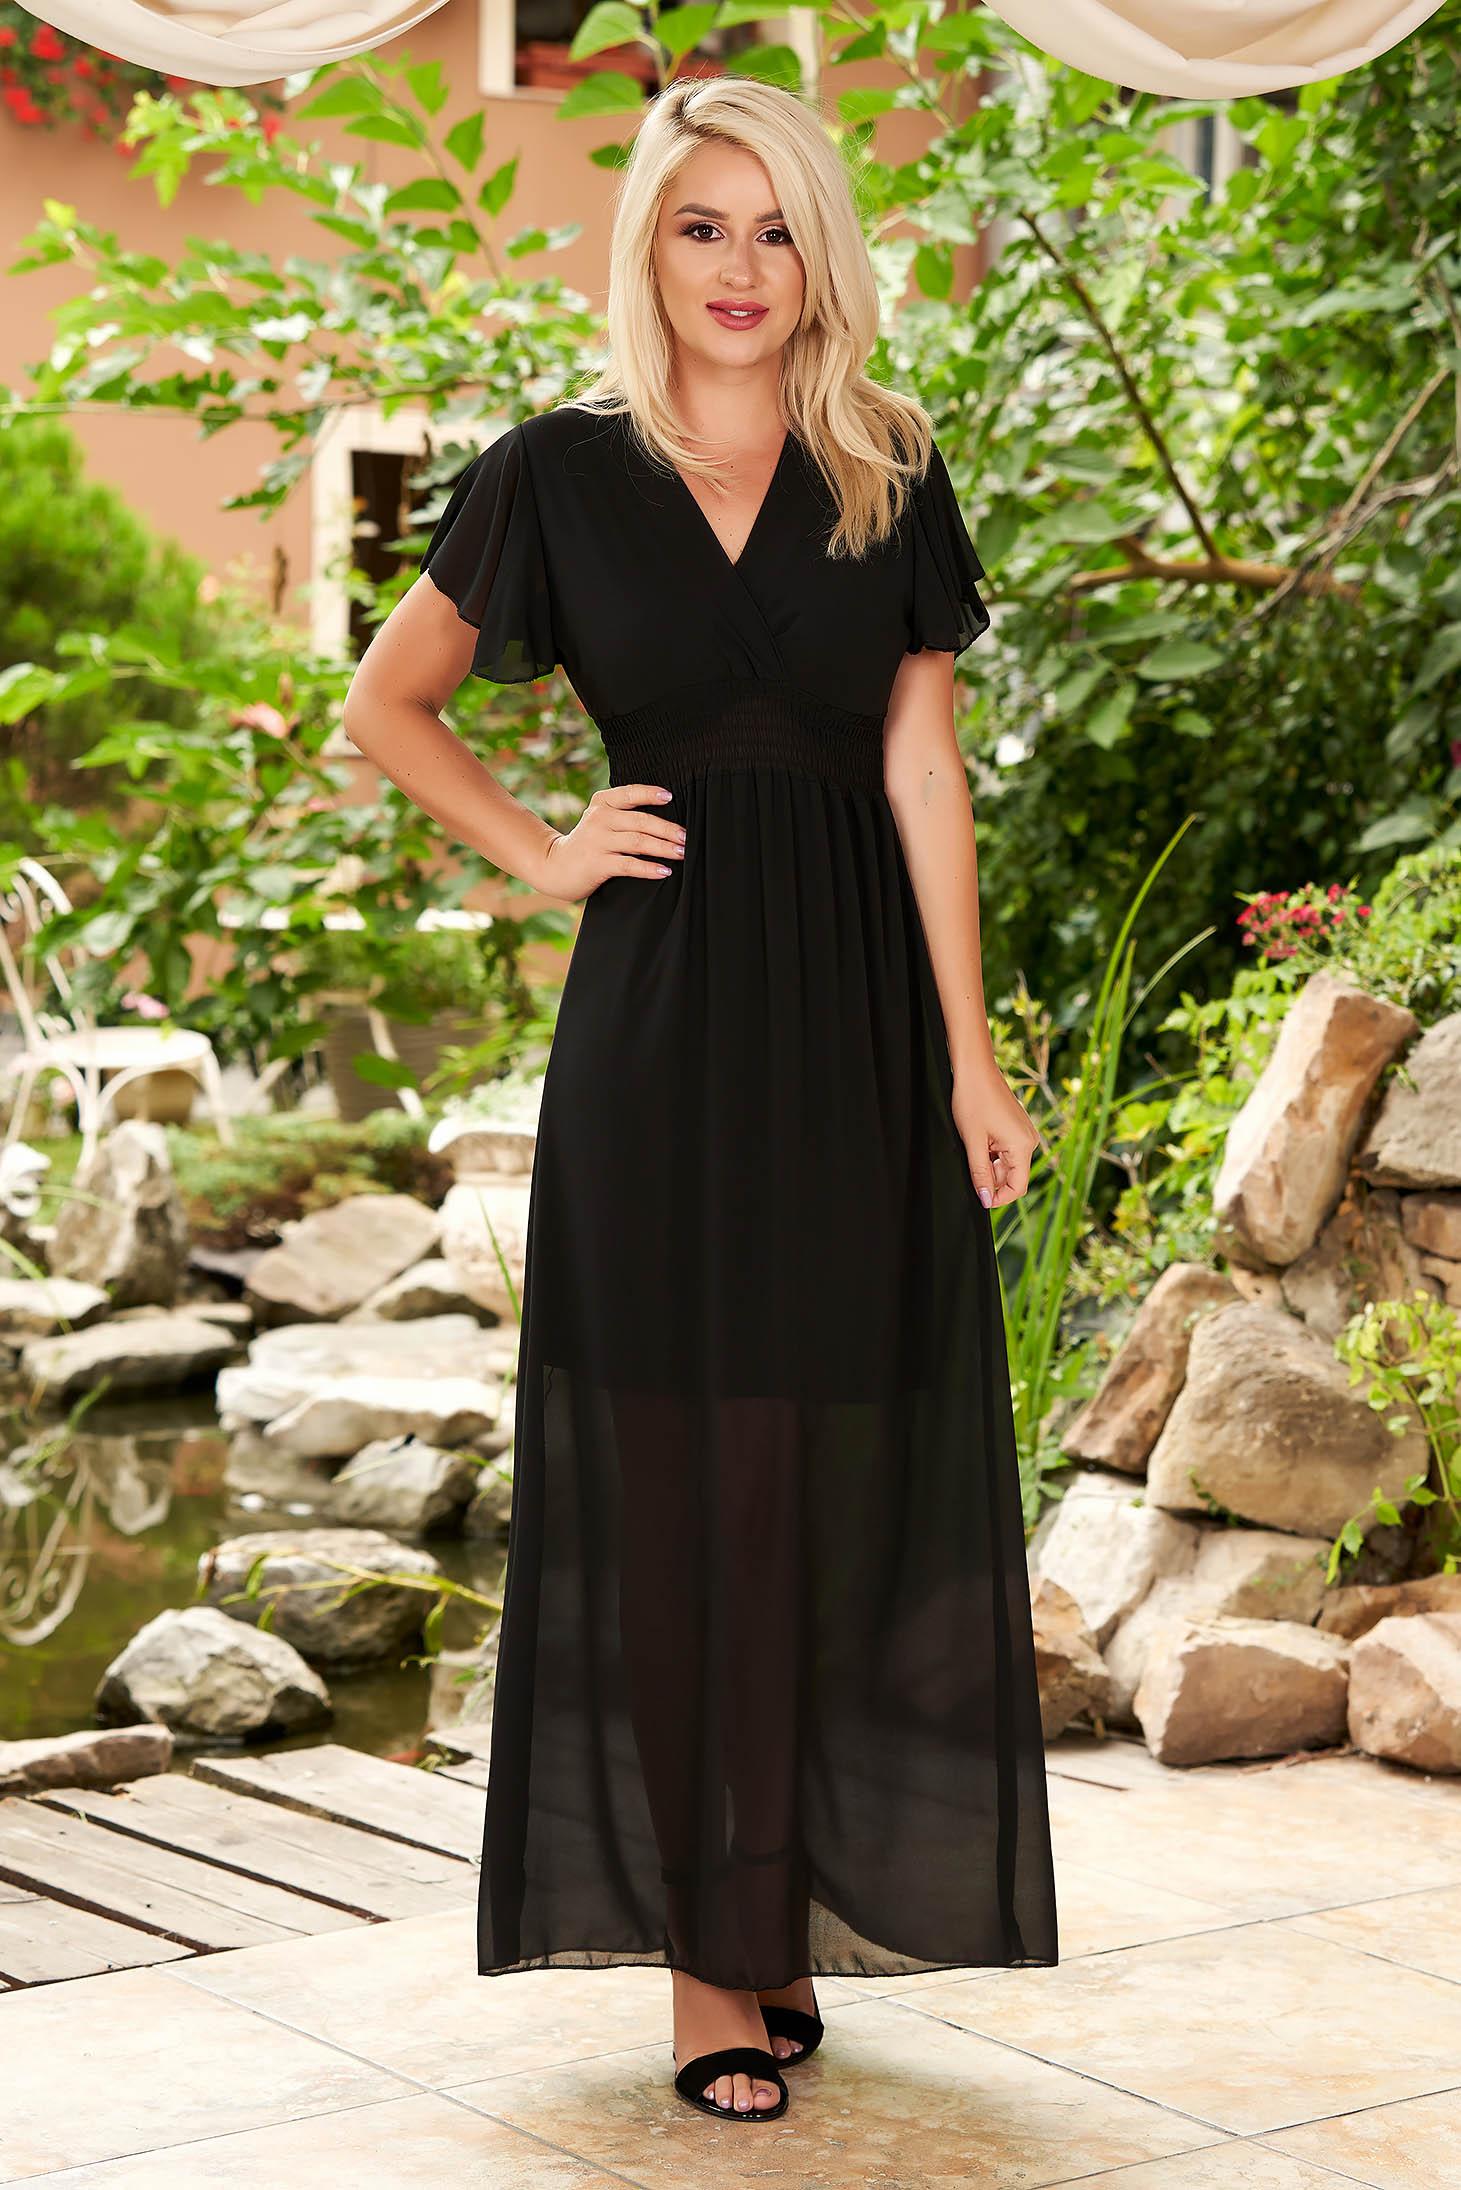 Fekete maxi ruha muszlinból mély dekoltázzsal